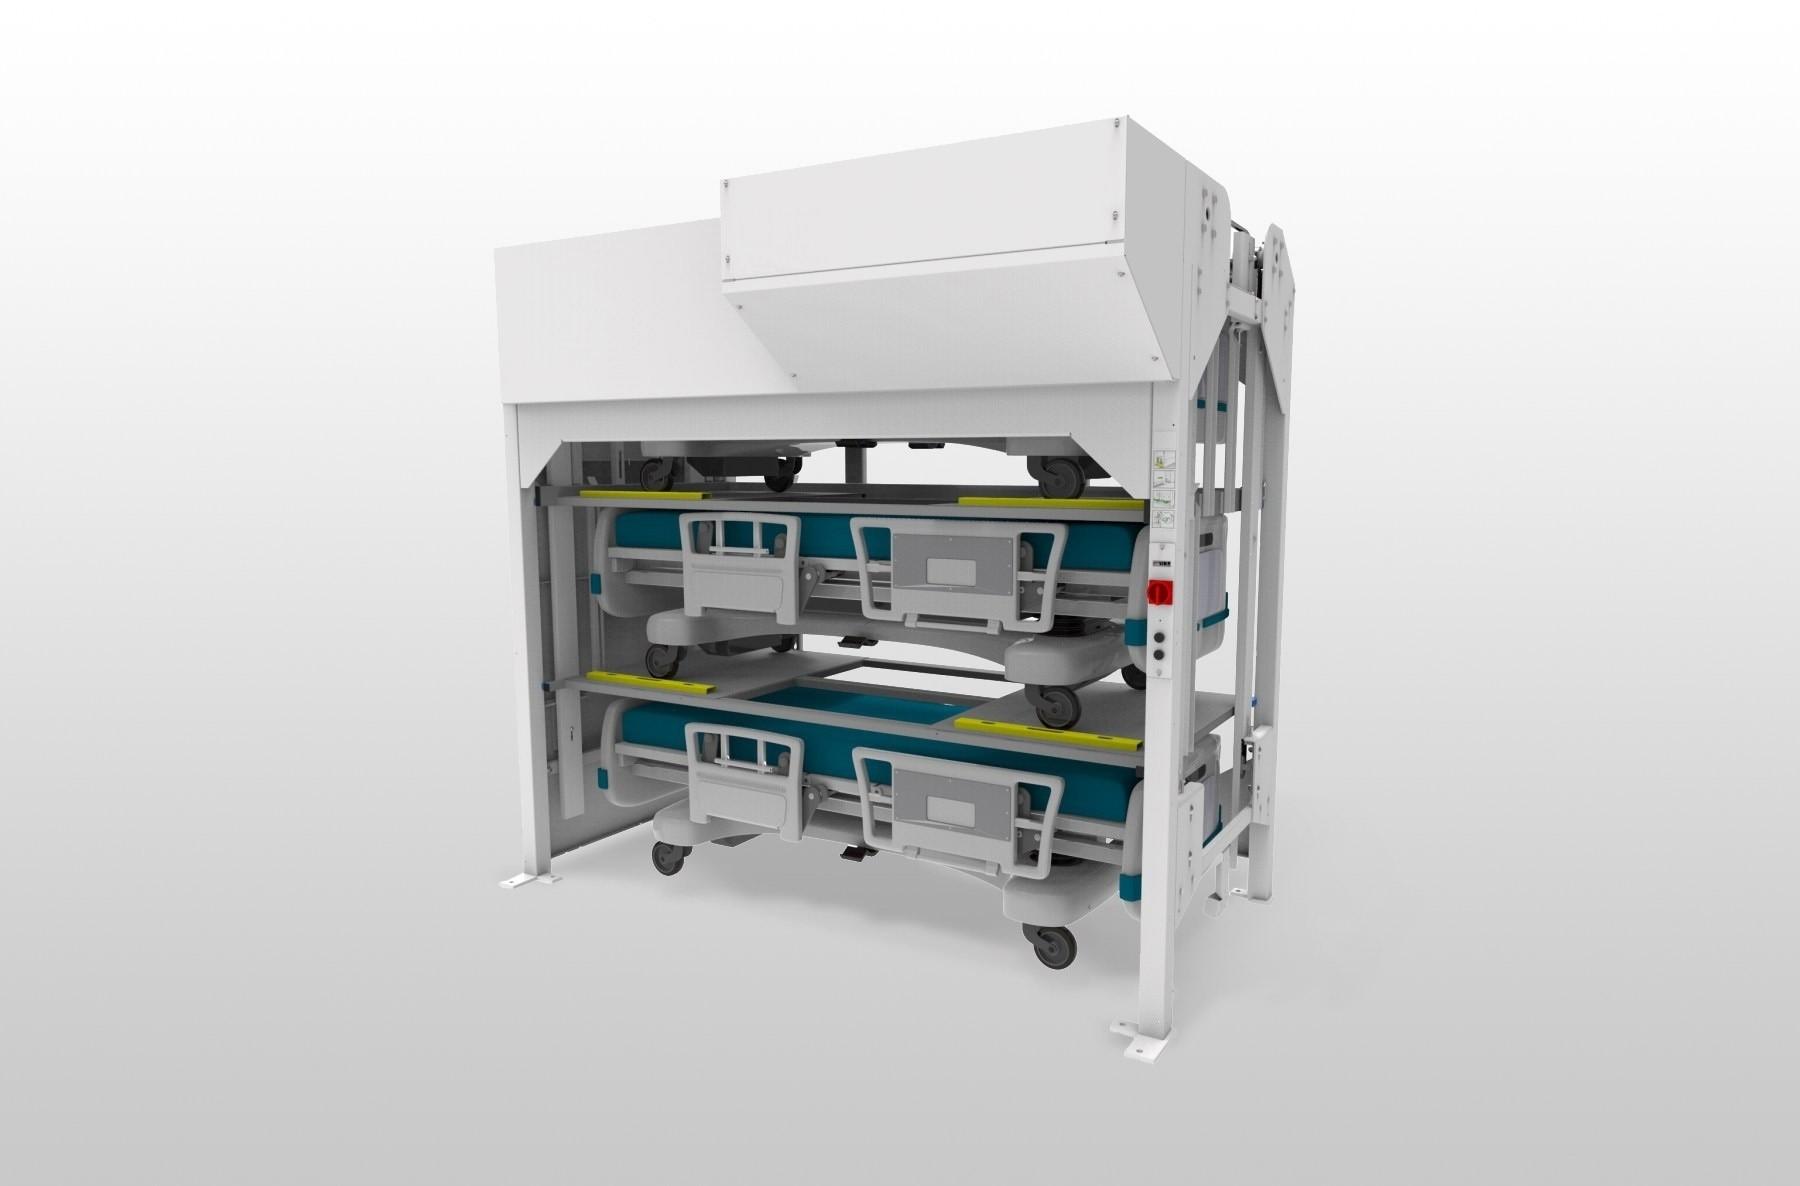 3 Position Side Load Hospital Bed Lift